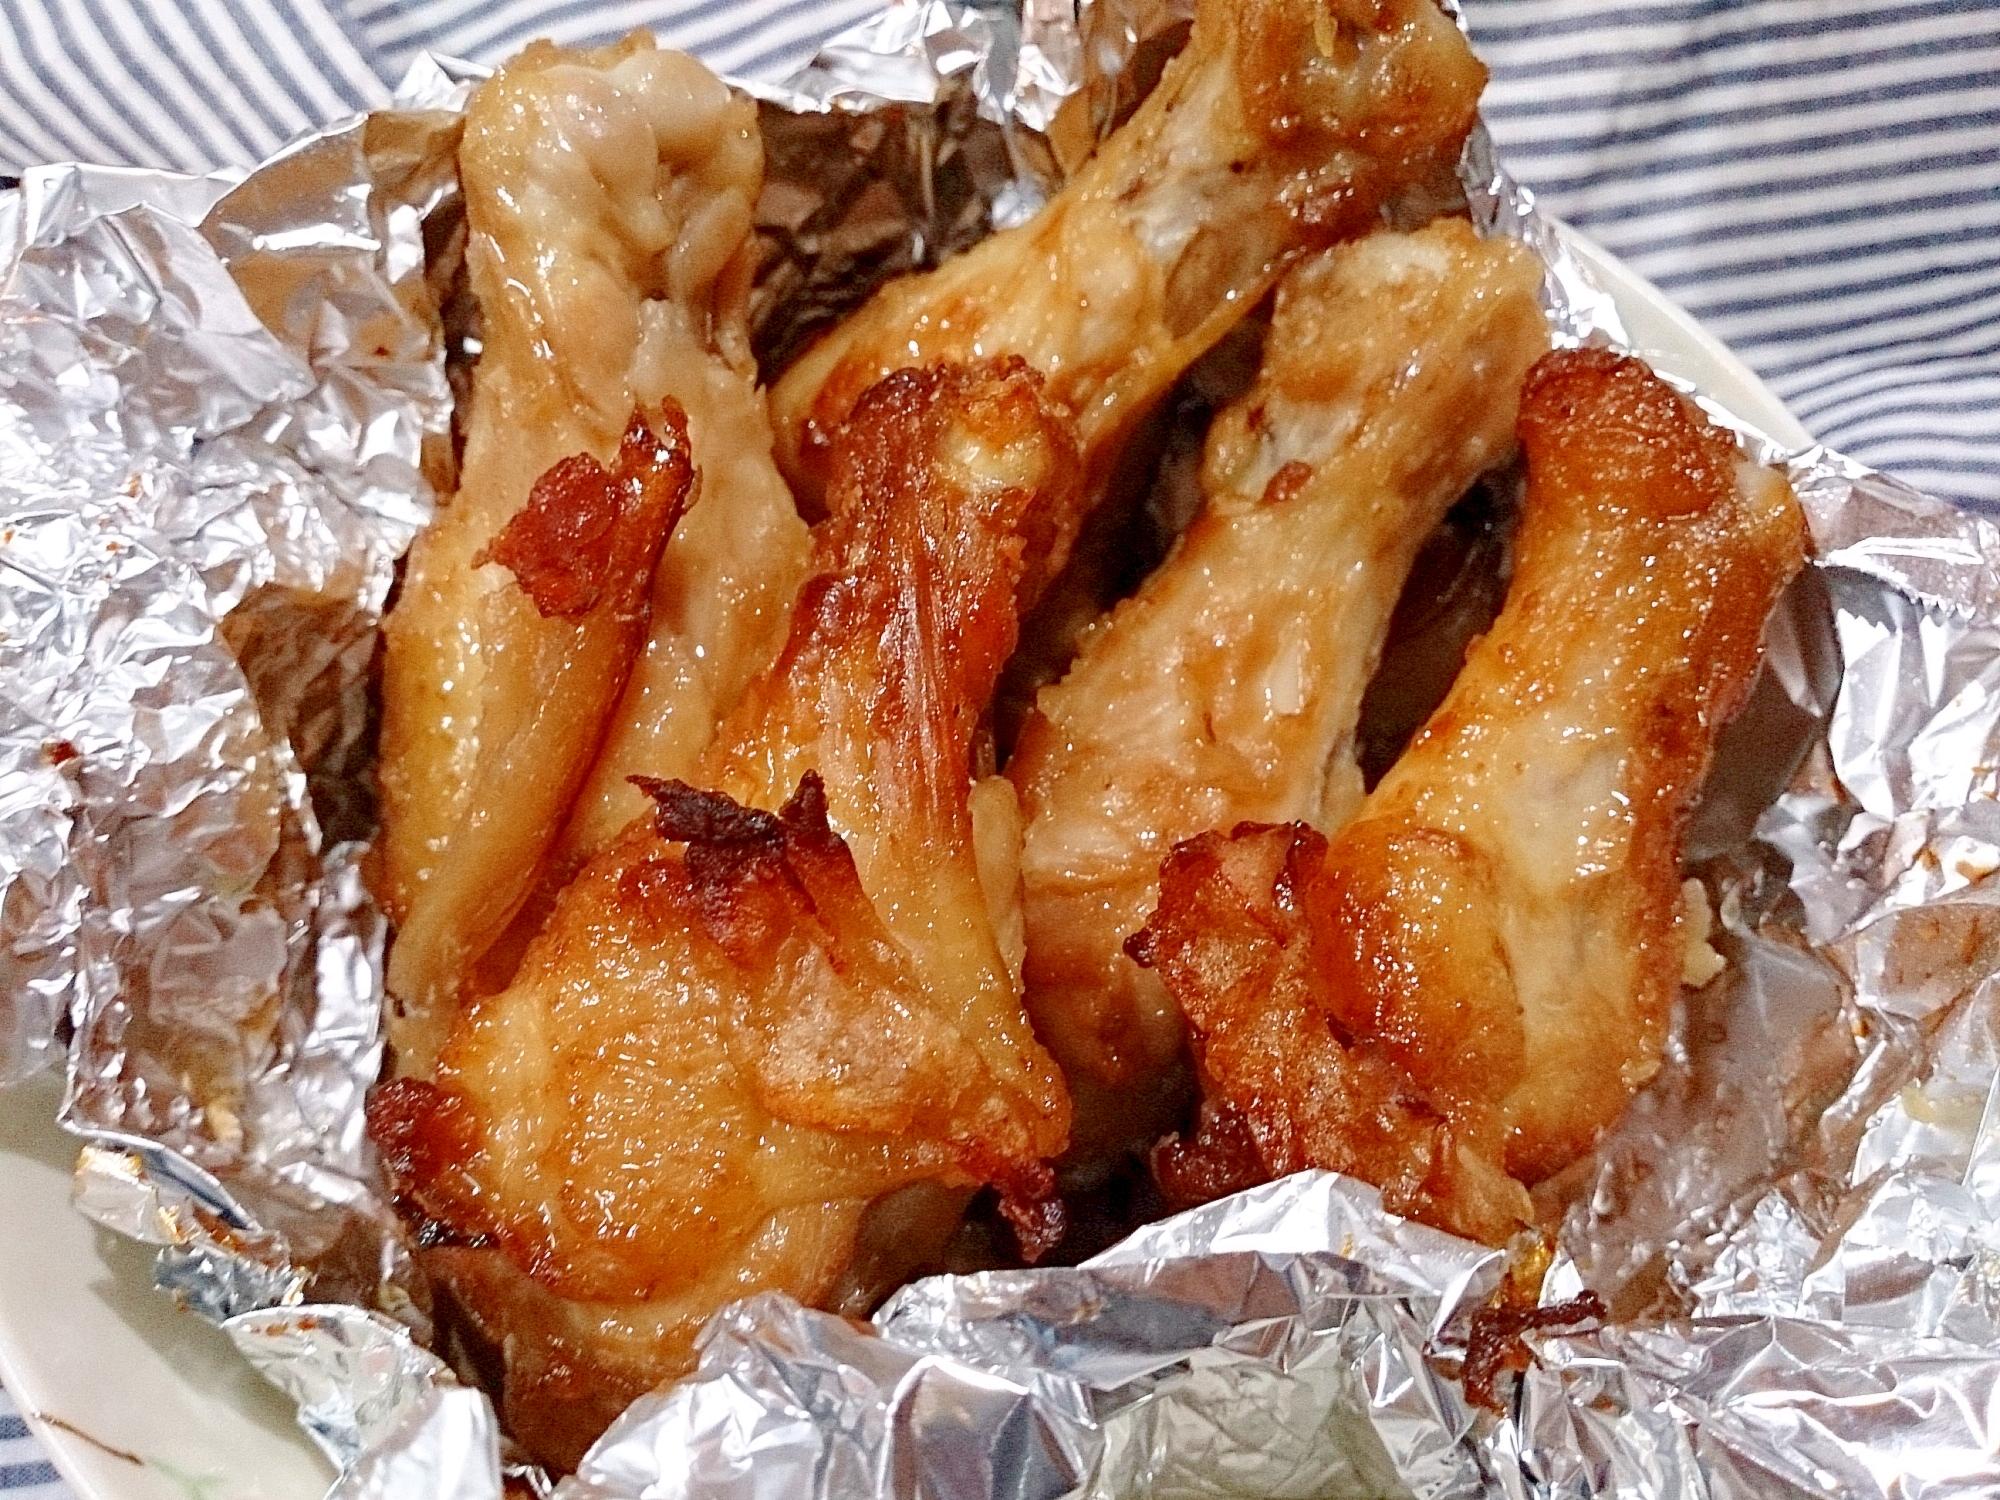 鶏の手羽元の甘酸っぱ唐揚げ(ノンフライヤー)